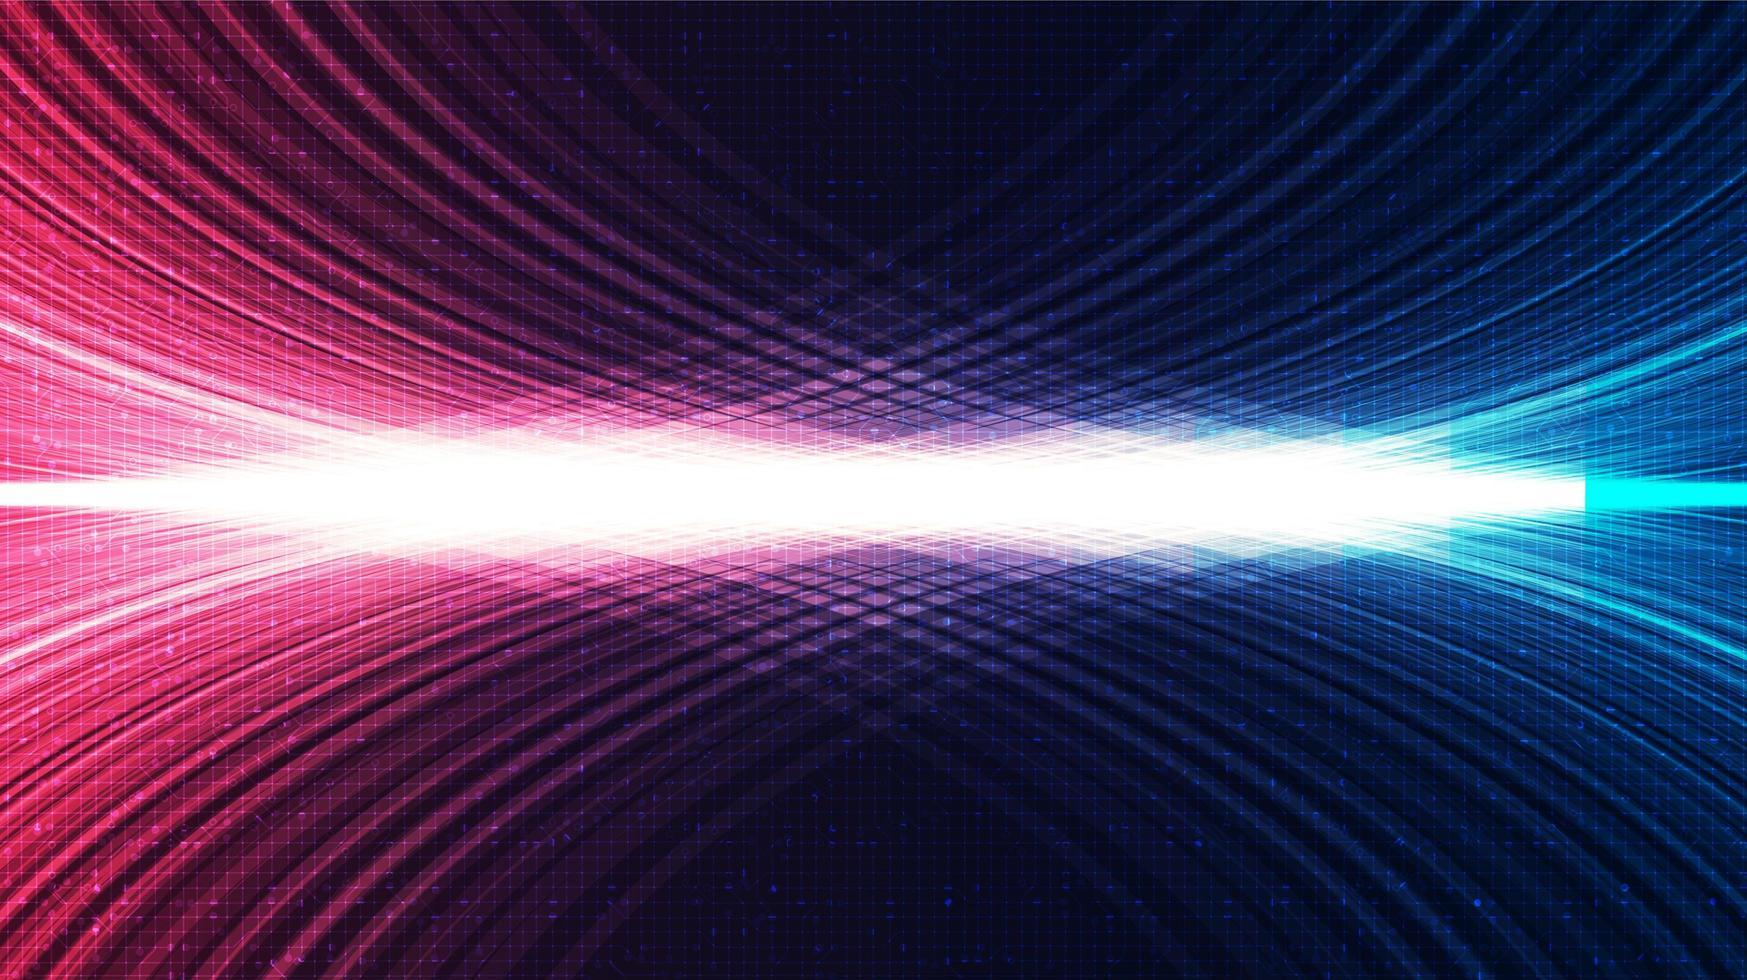 digitale lichttechnologieachtergrond, hi-tech digitaal en geluidsgolfconceptontwerp, vrije ruimte voor tekst vector